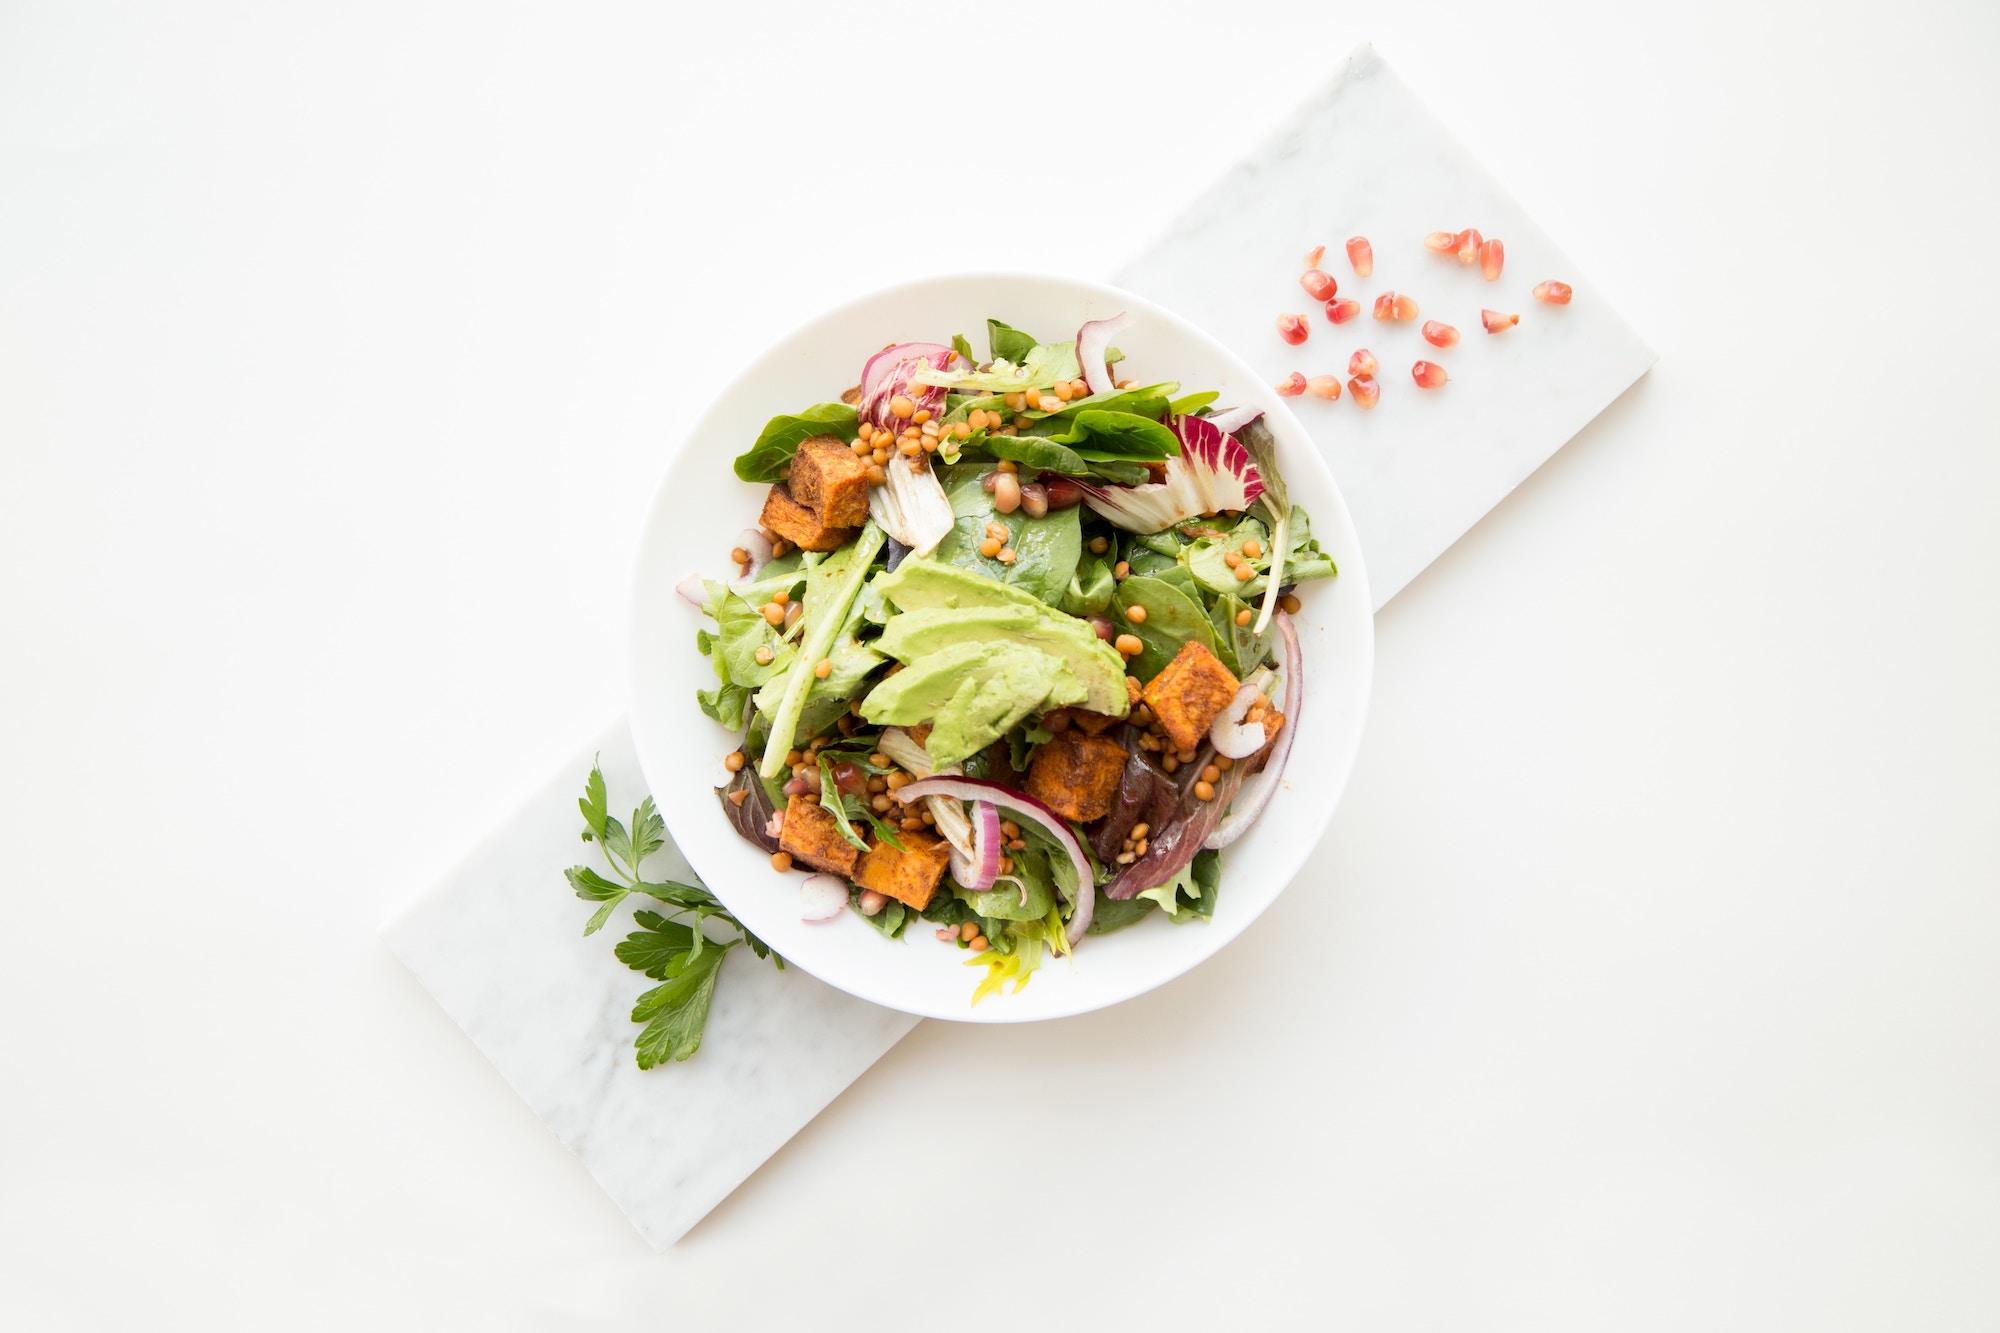 Bowl végétal et alimentation saine à base de crudités